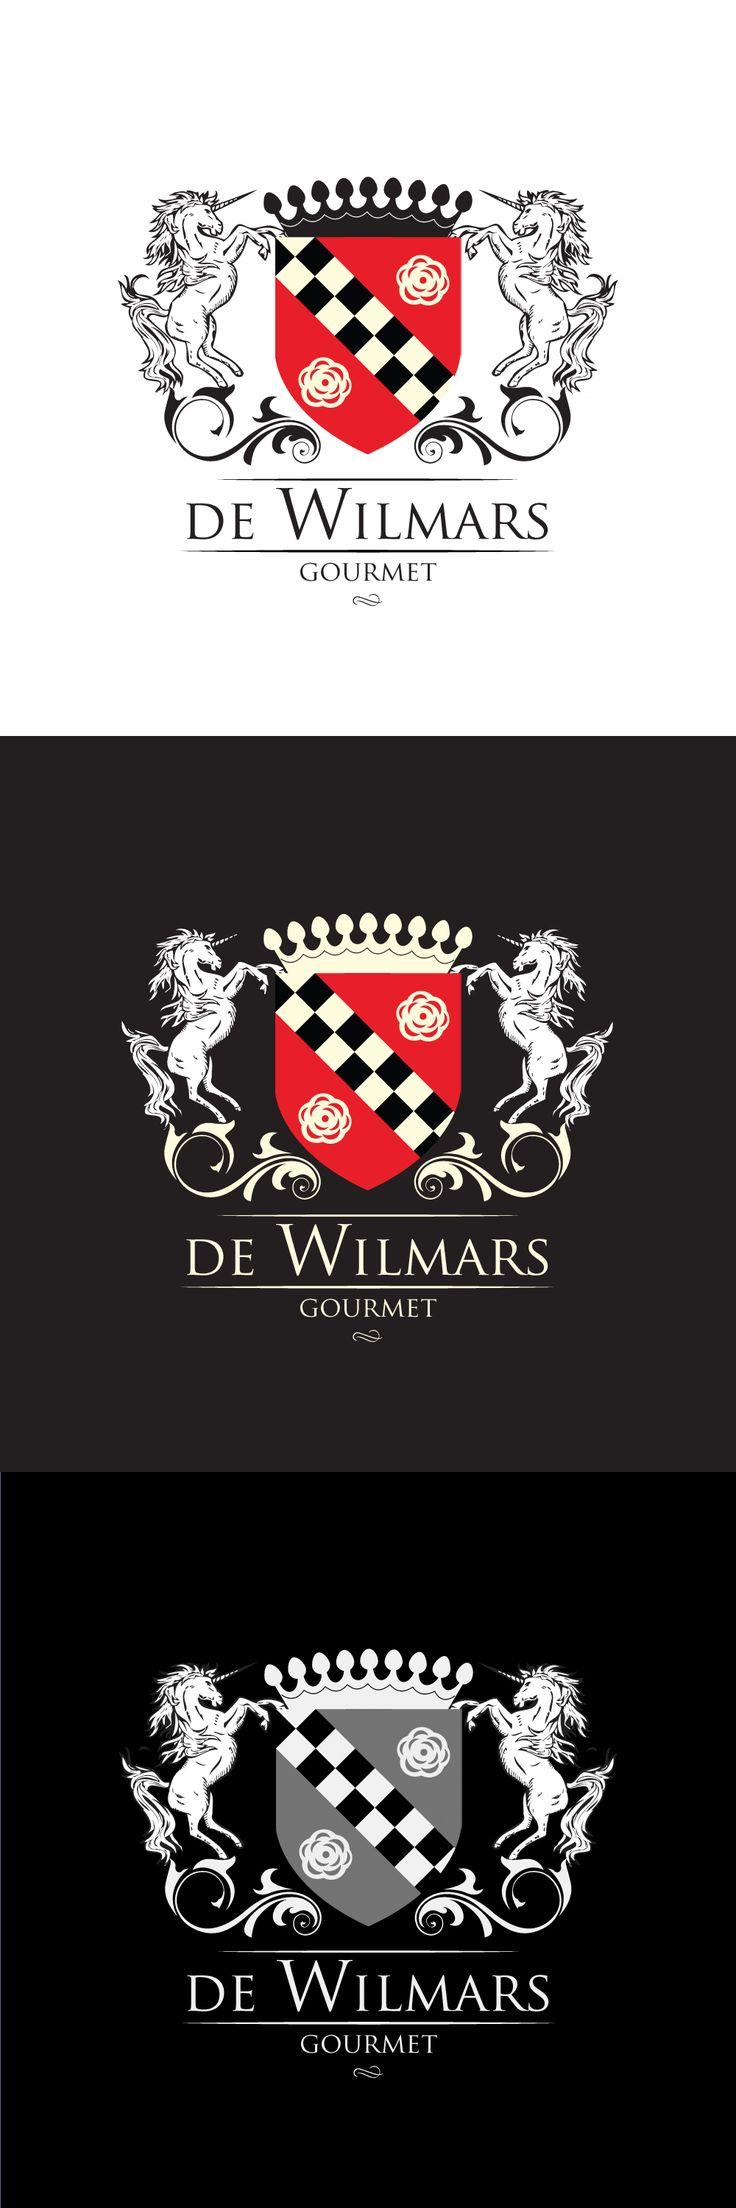 de Wilmars Gourmet LOGO